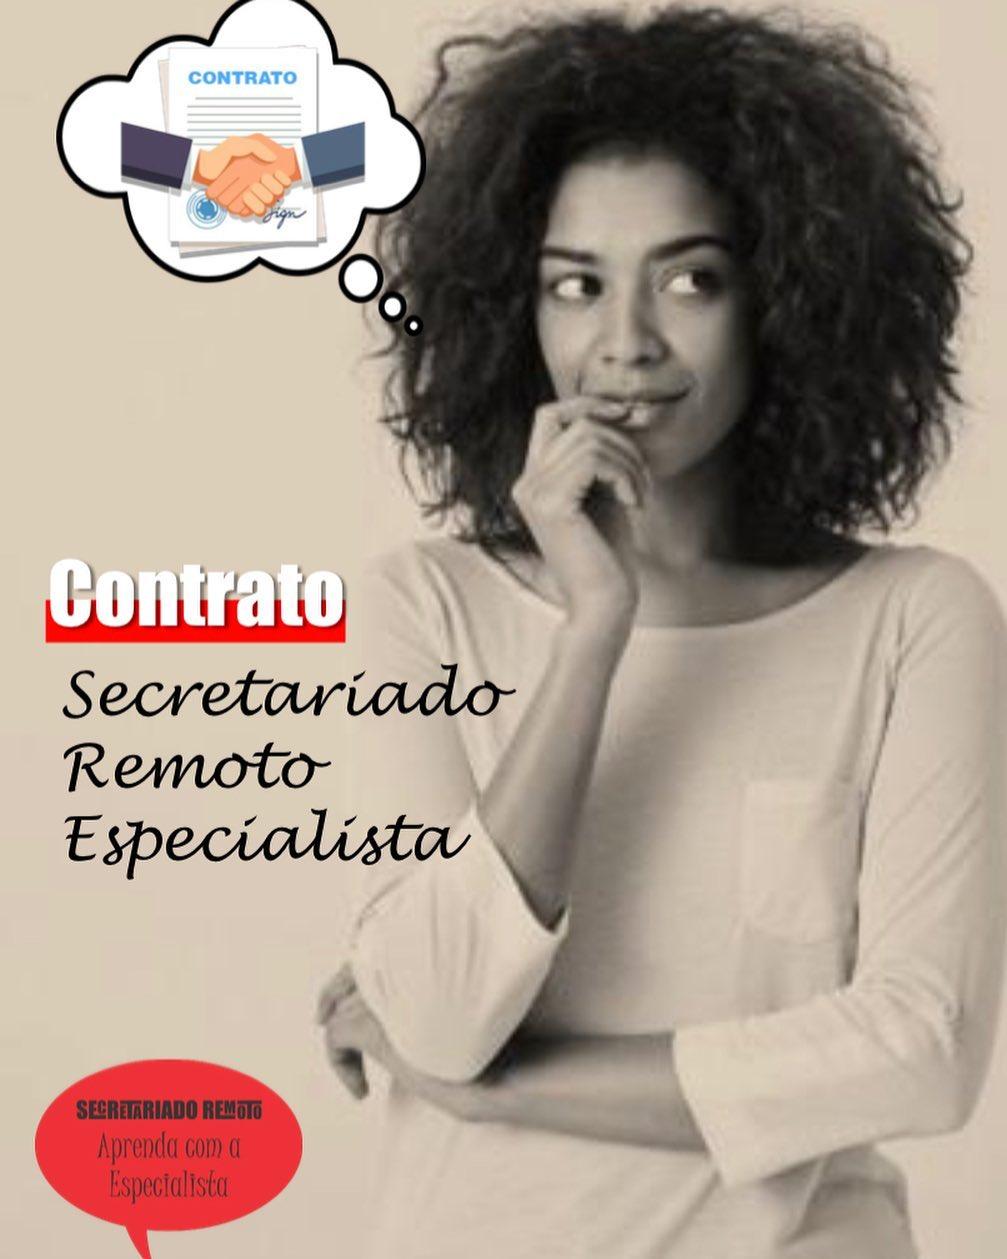 contrato - Semana Mini Aula Secretariado Remoto - 3 Contrato de Prestação de Serviço